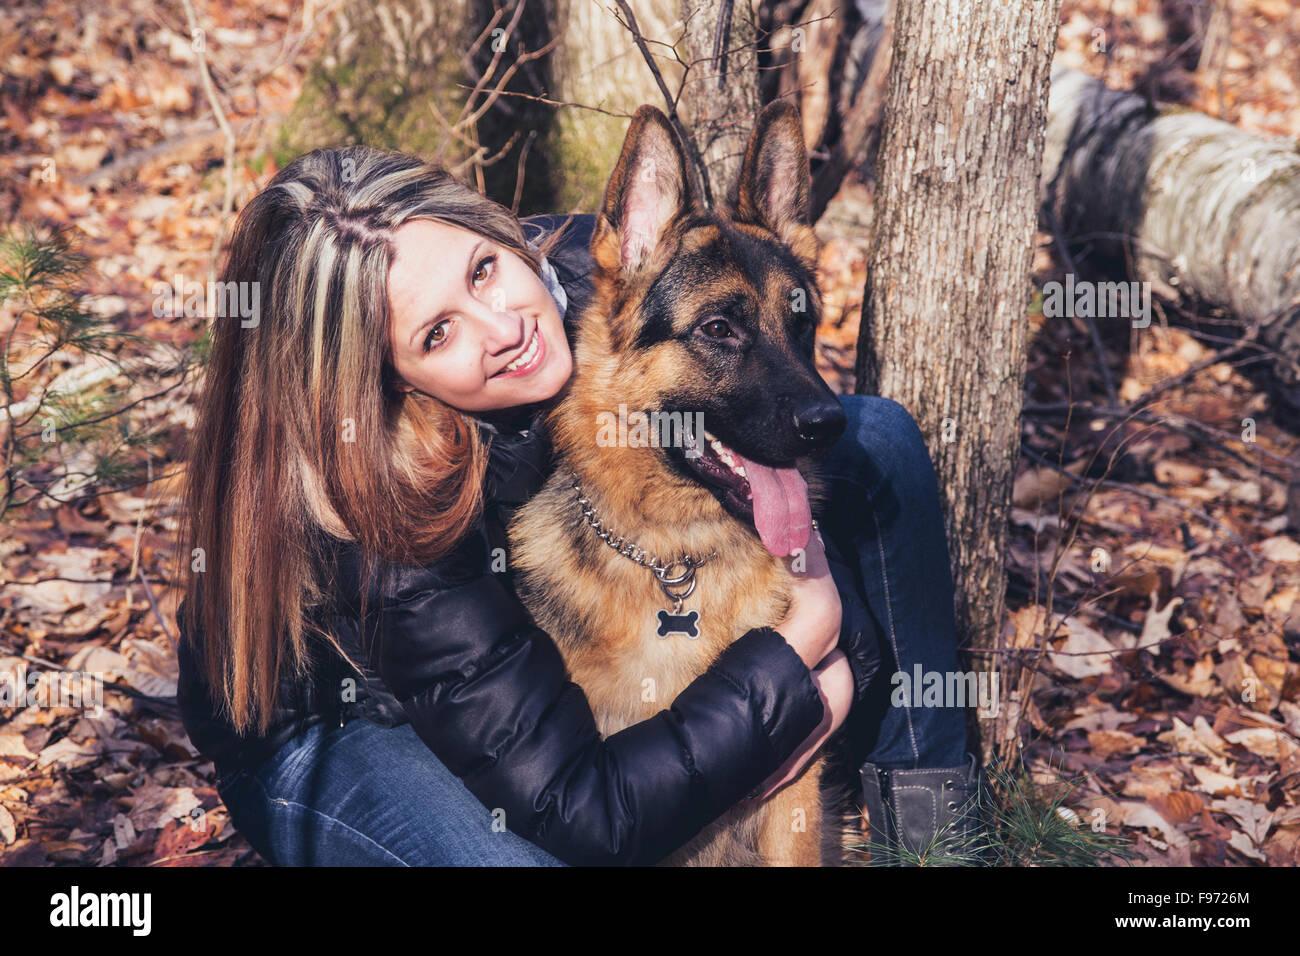 Mujer joven sonriente con un perro pastor alemán al aire libre en el bosque Imagen De Stock